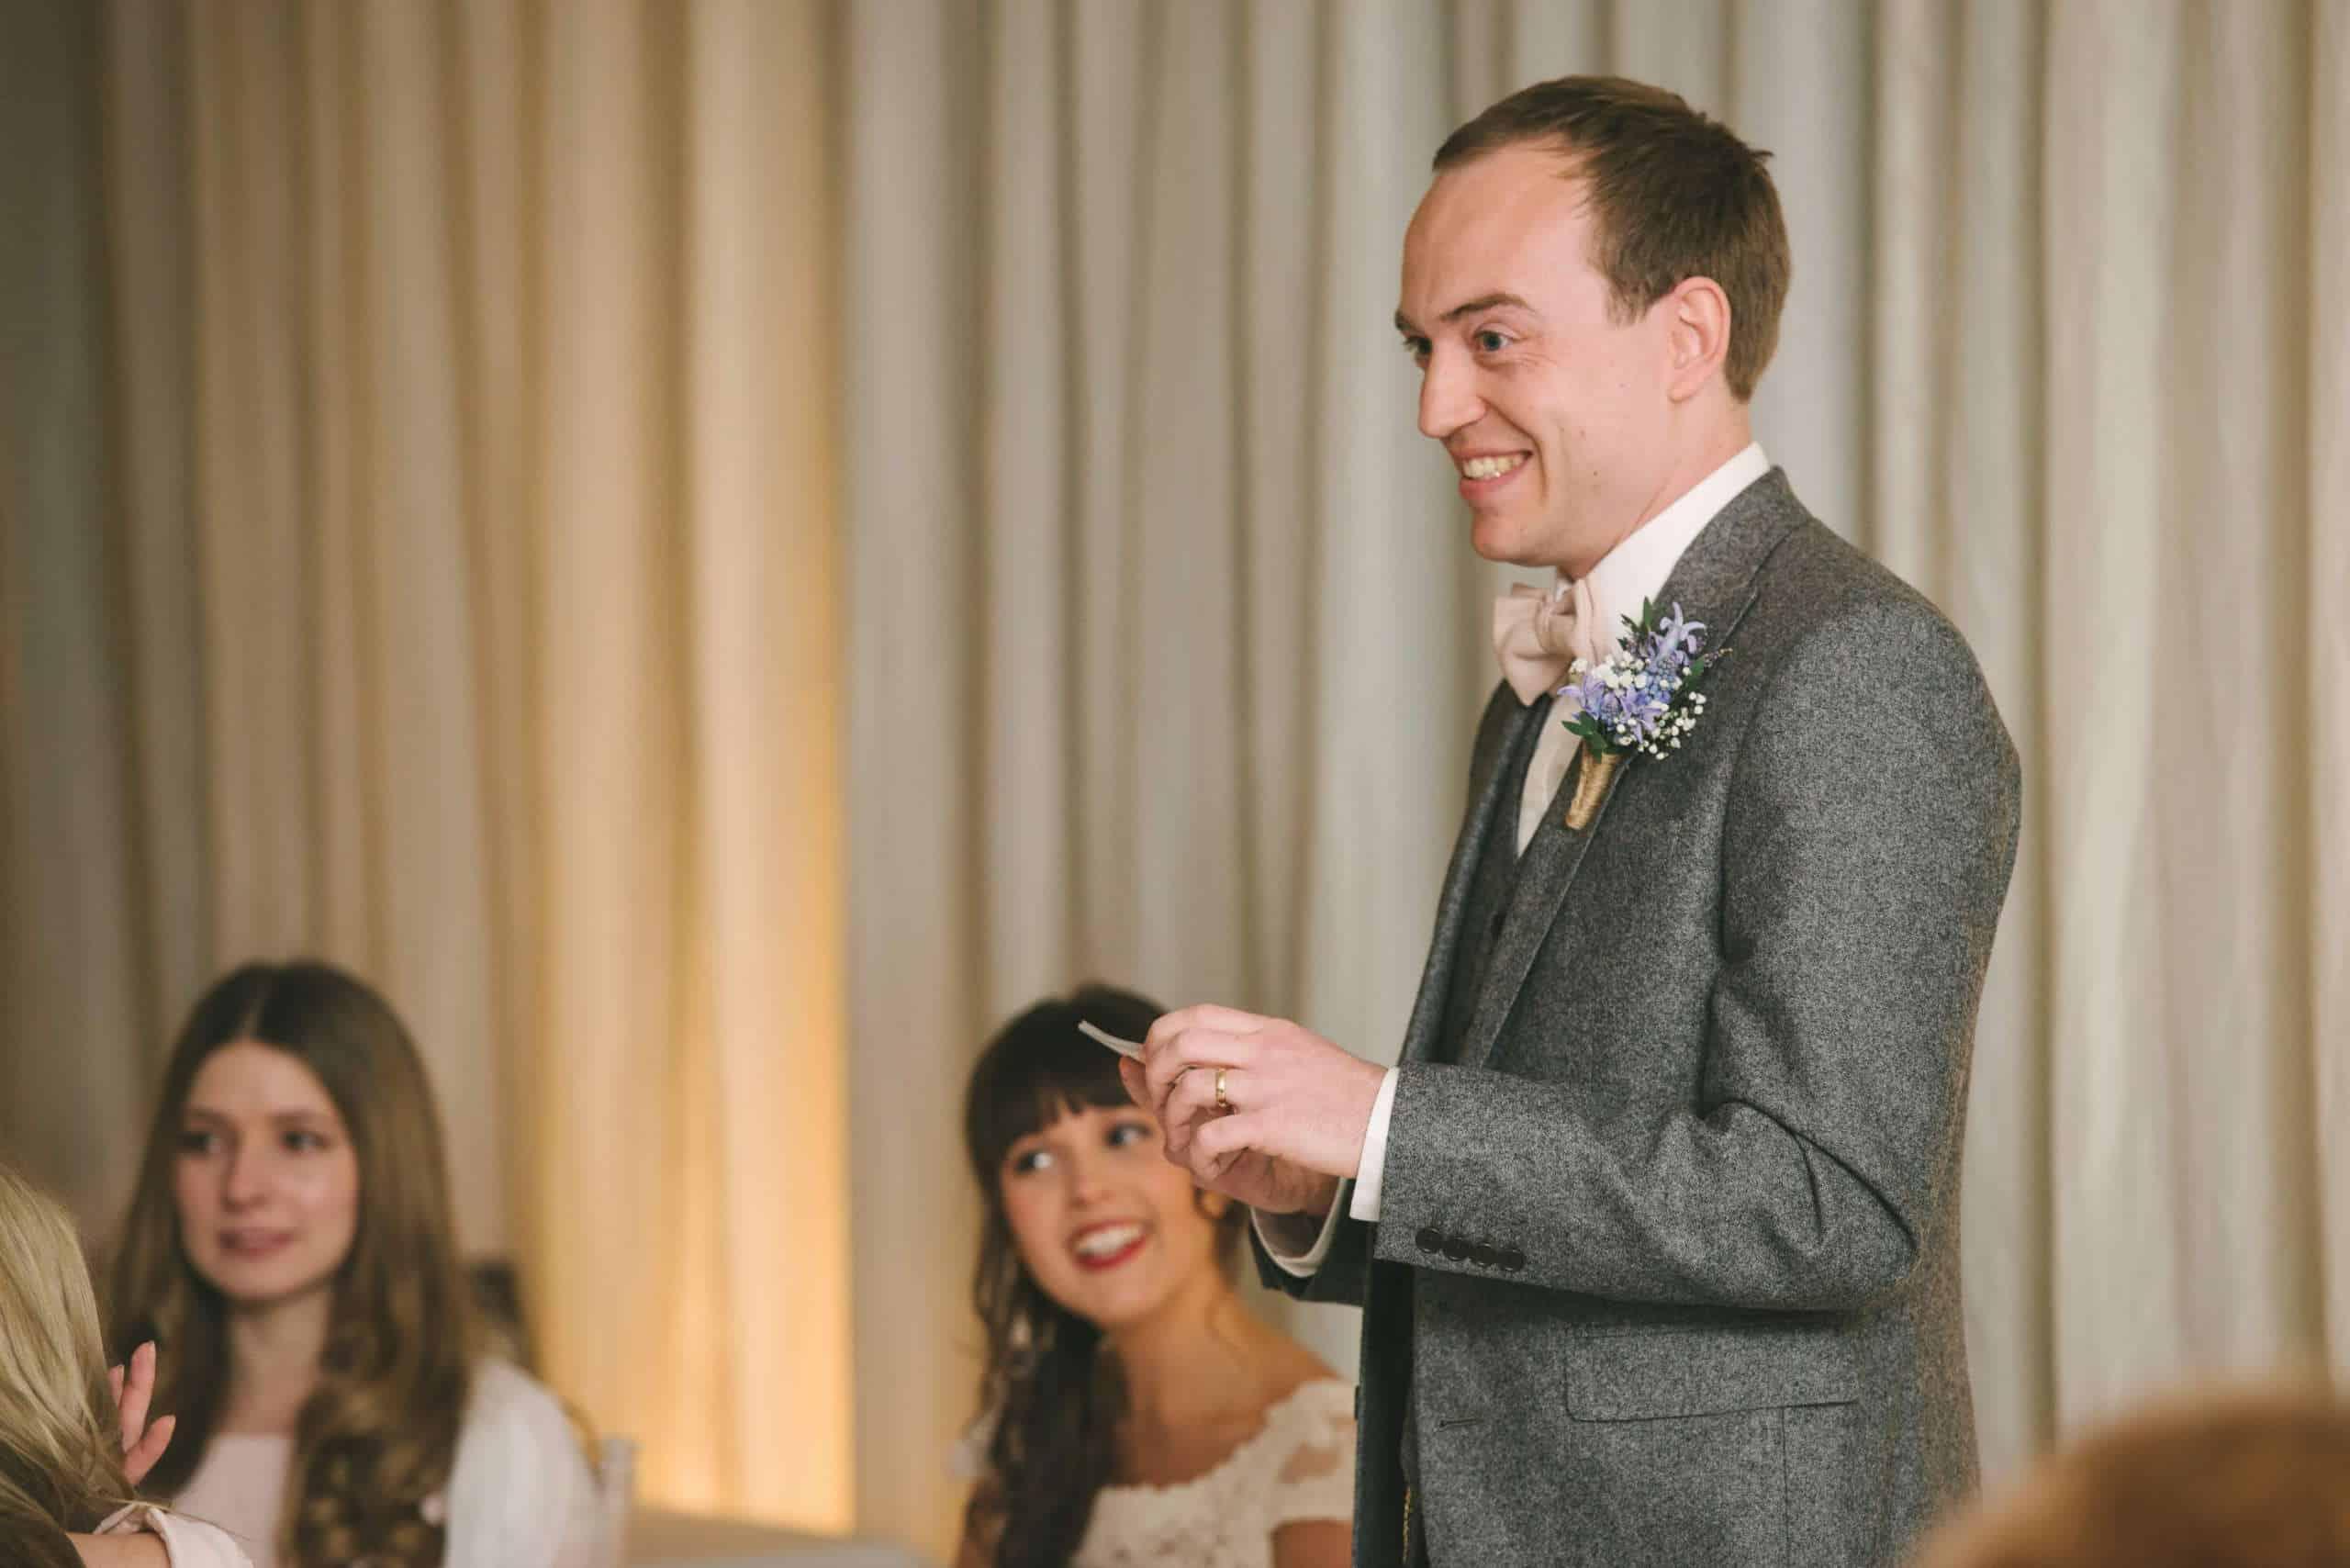 230416 Essex Wedding Photography Baddow Gallerywood 103